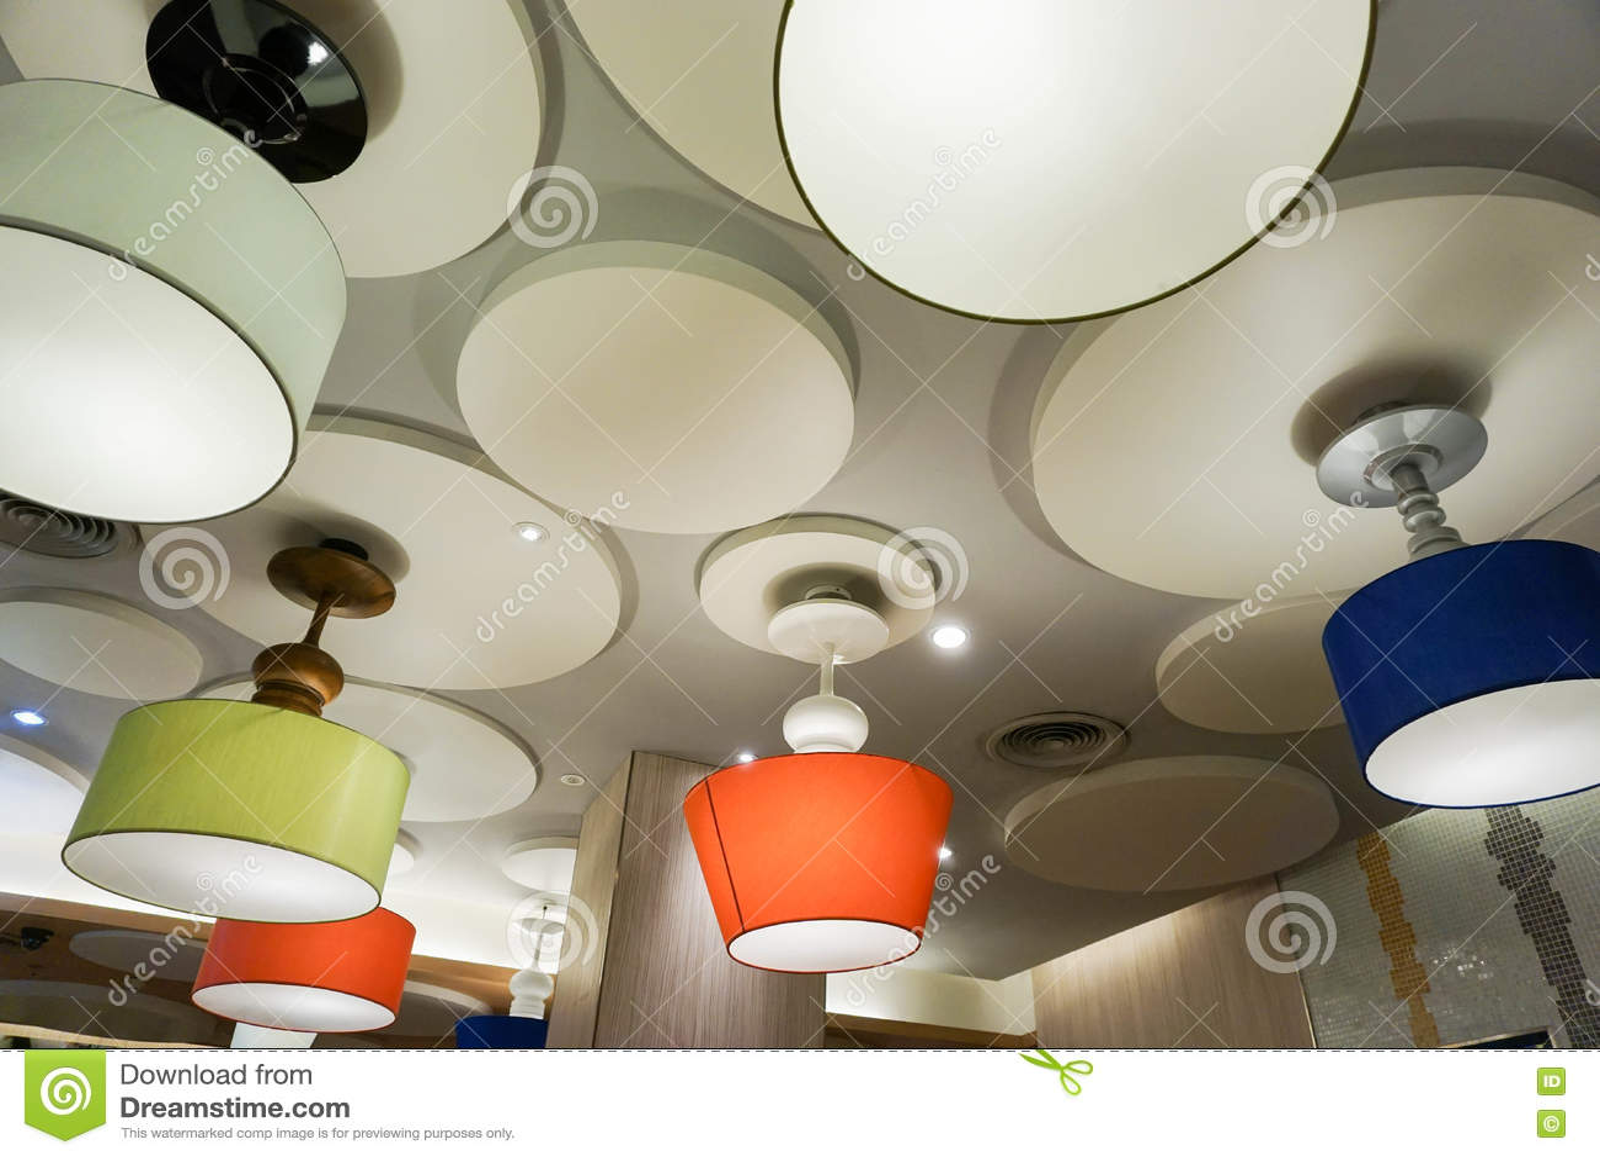 bunte deckenleuchten stockbild bild von dekoration. Black Bedroom Furniture Sets. Home Design Ideas